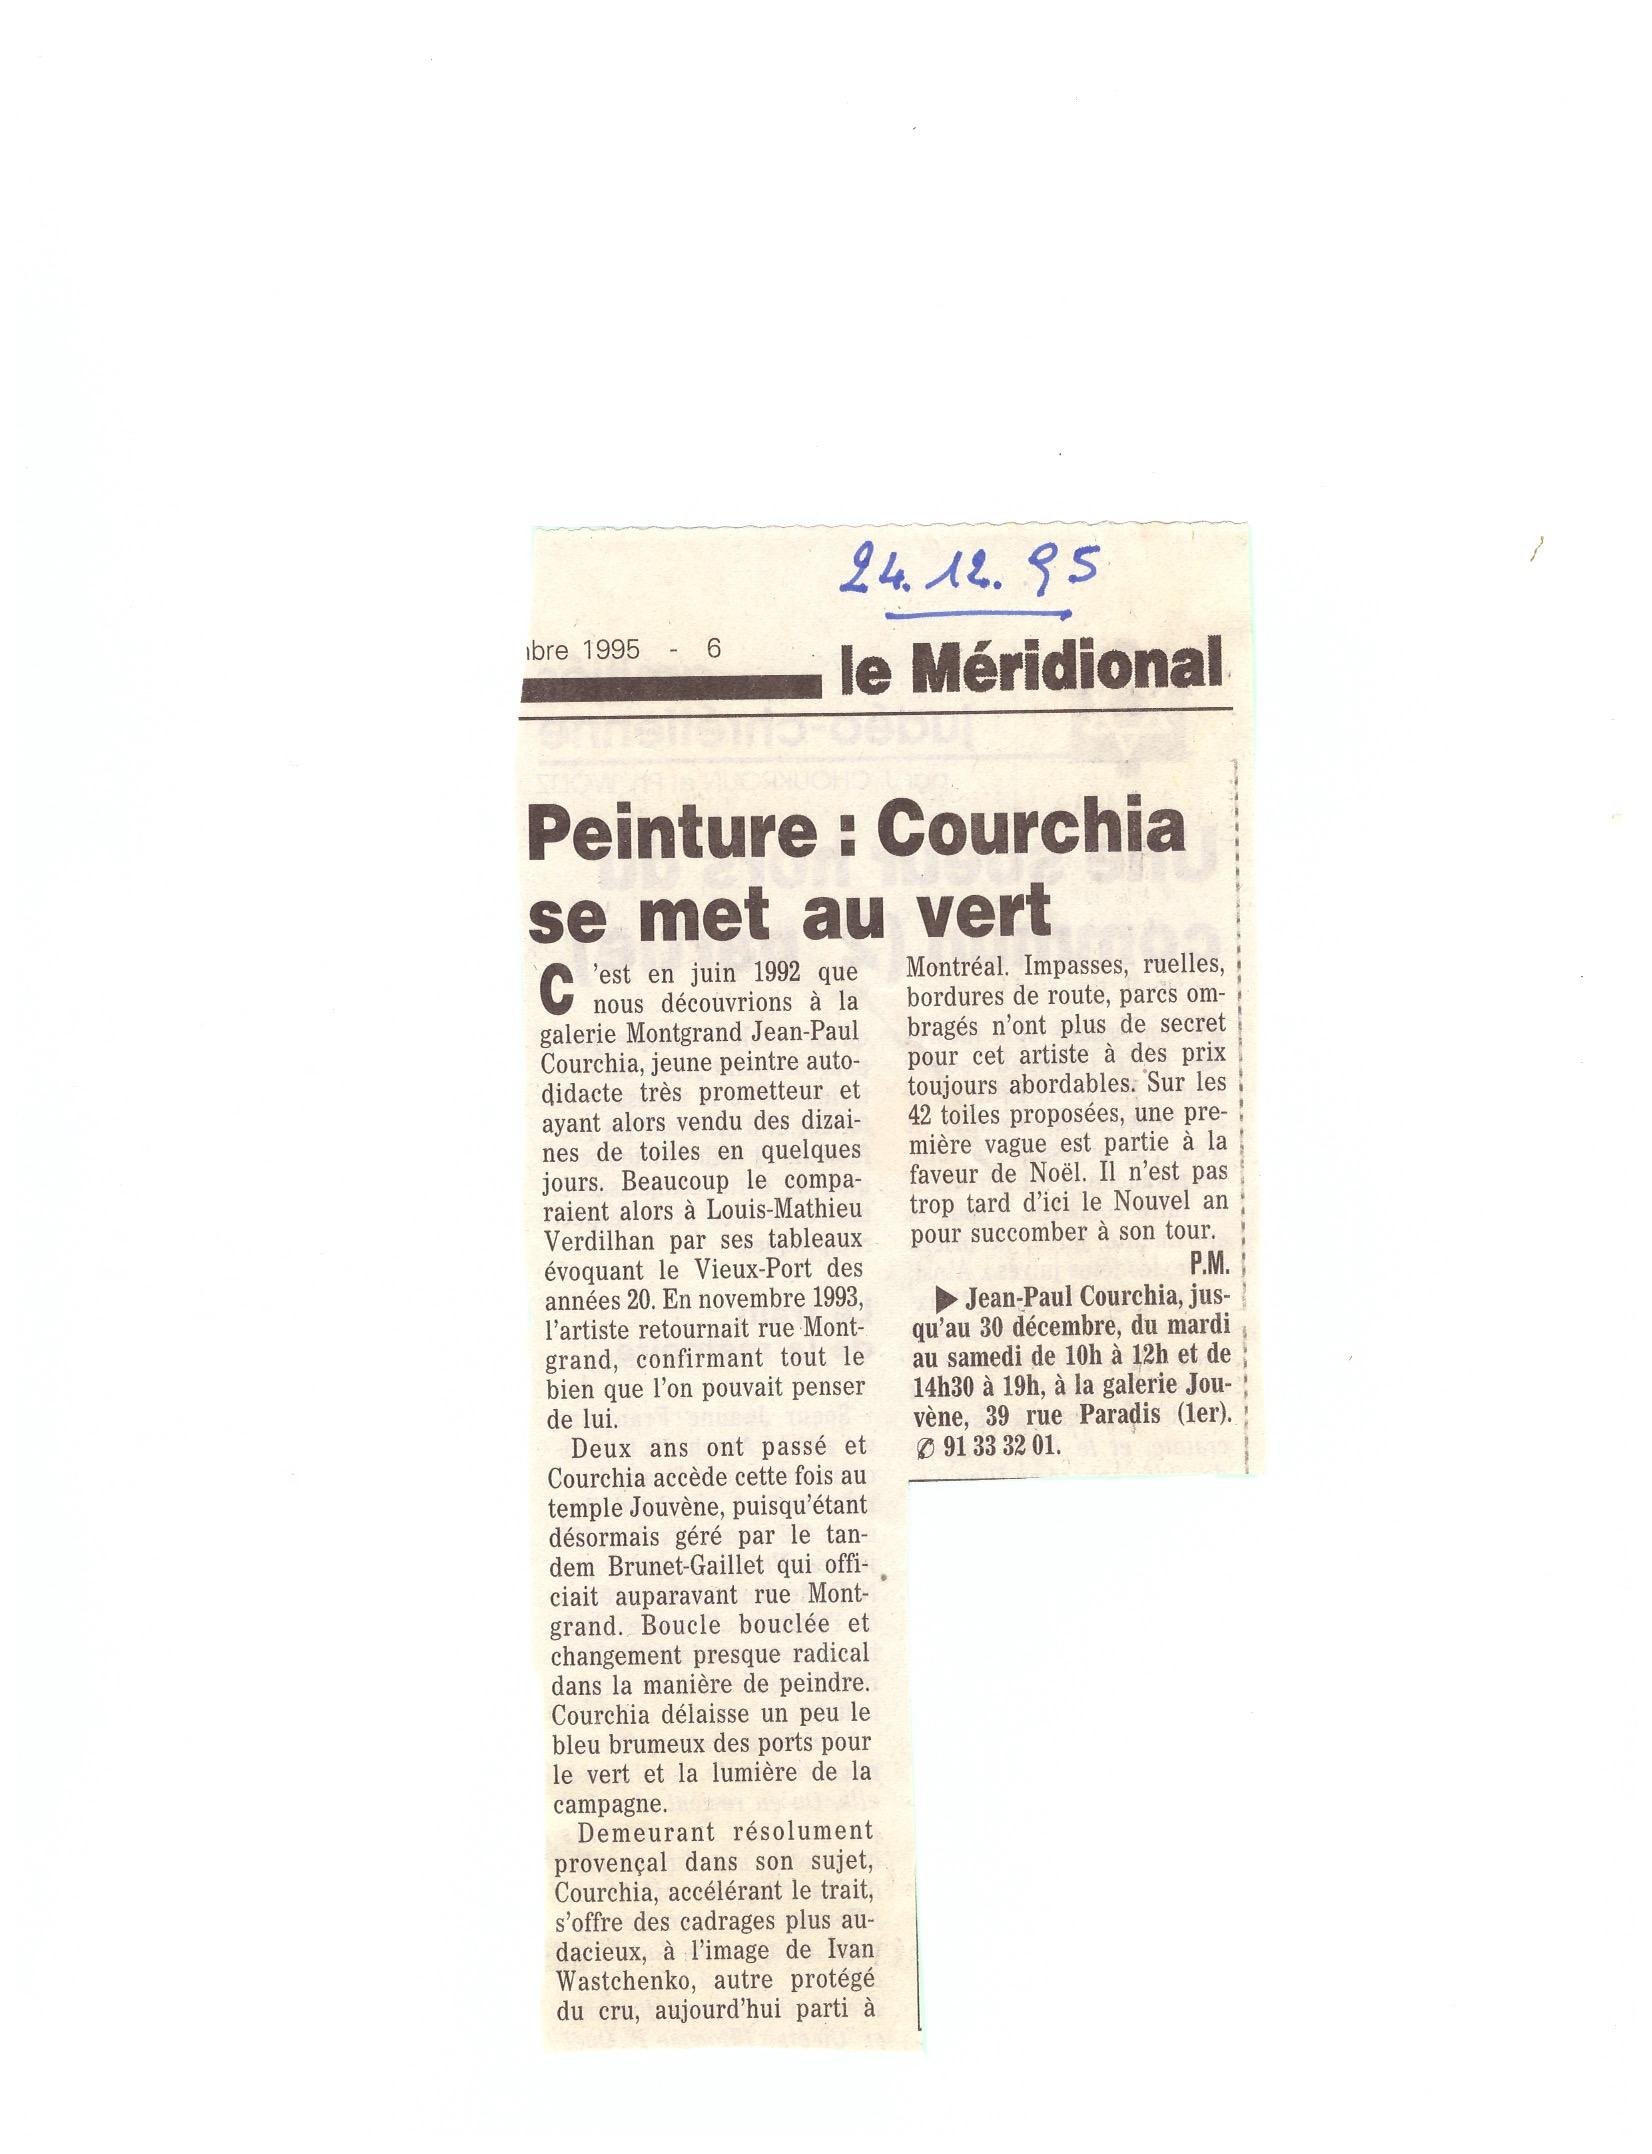 1995 COURCHIA SE MET AU VERT - copie